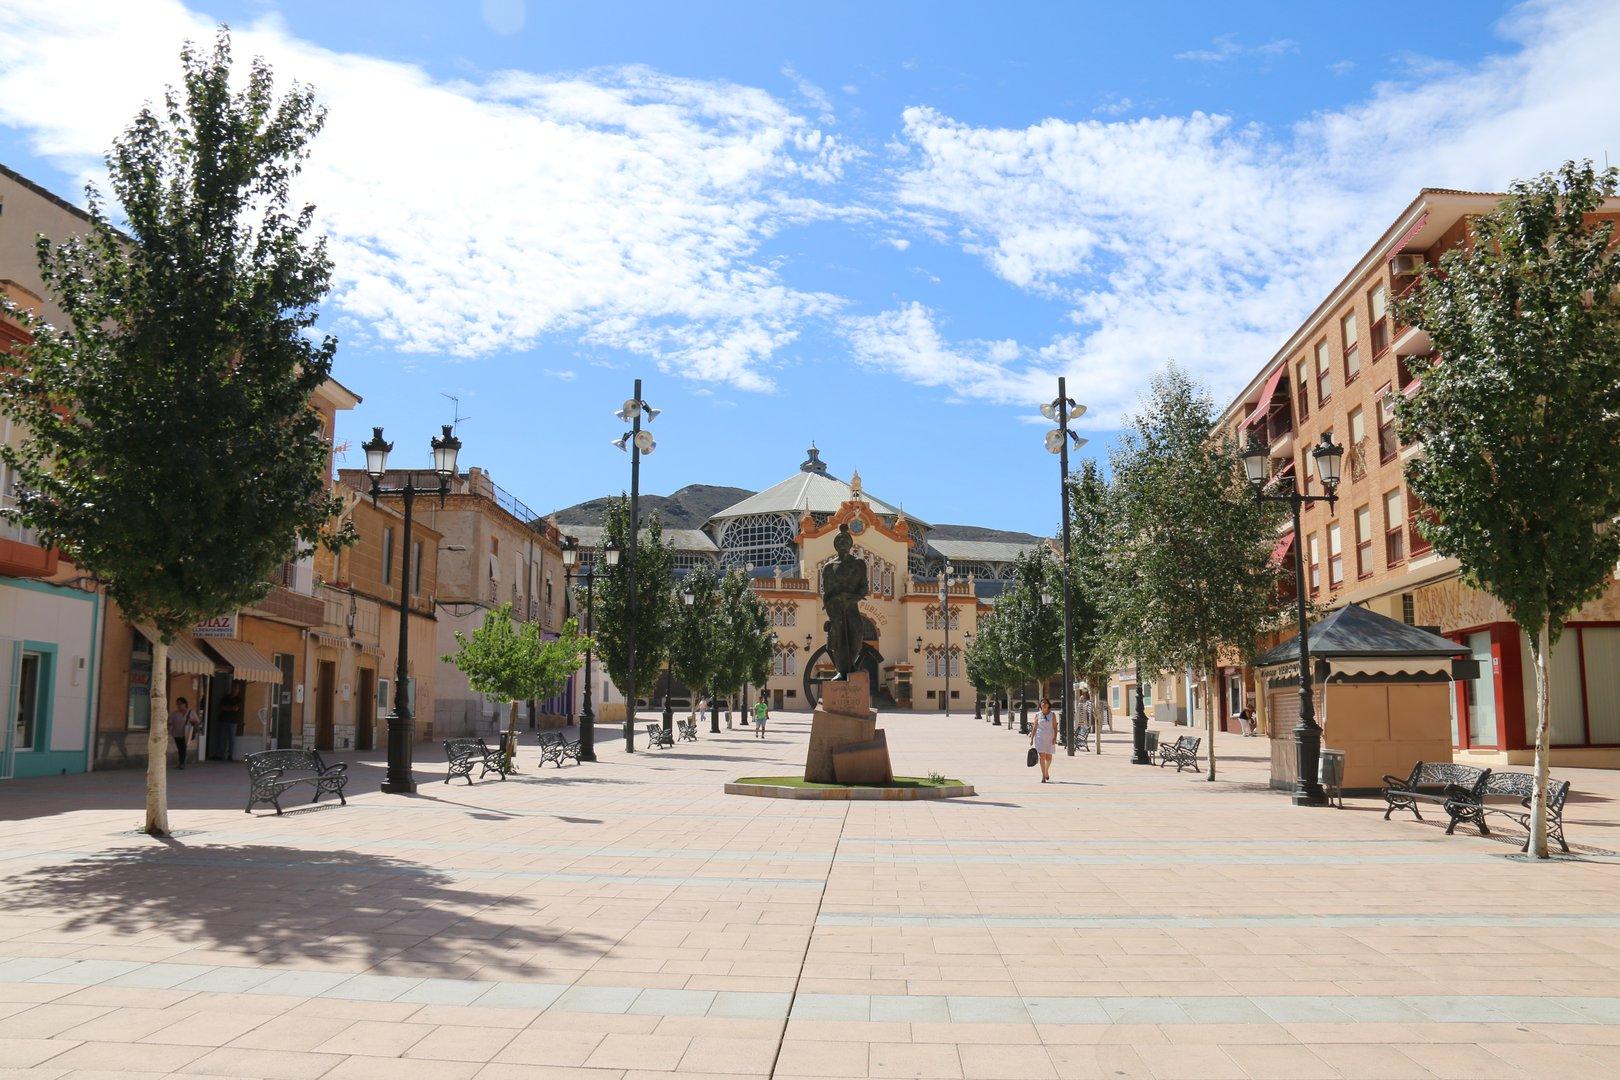 Plaza Joaquín Costa de La Unión